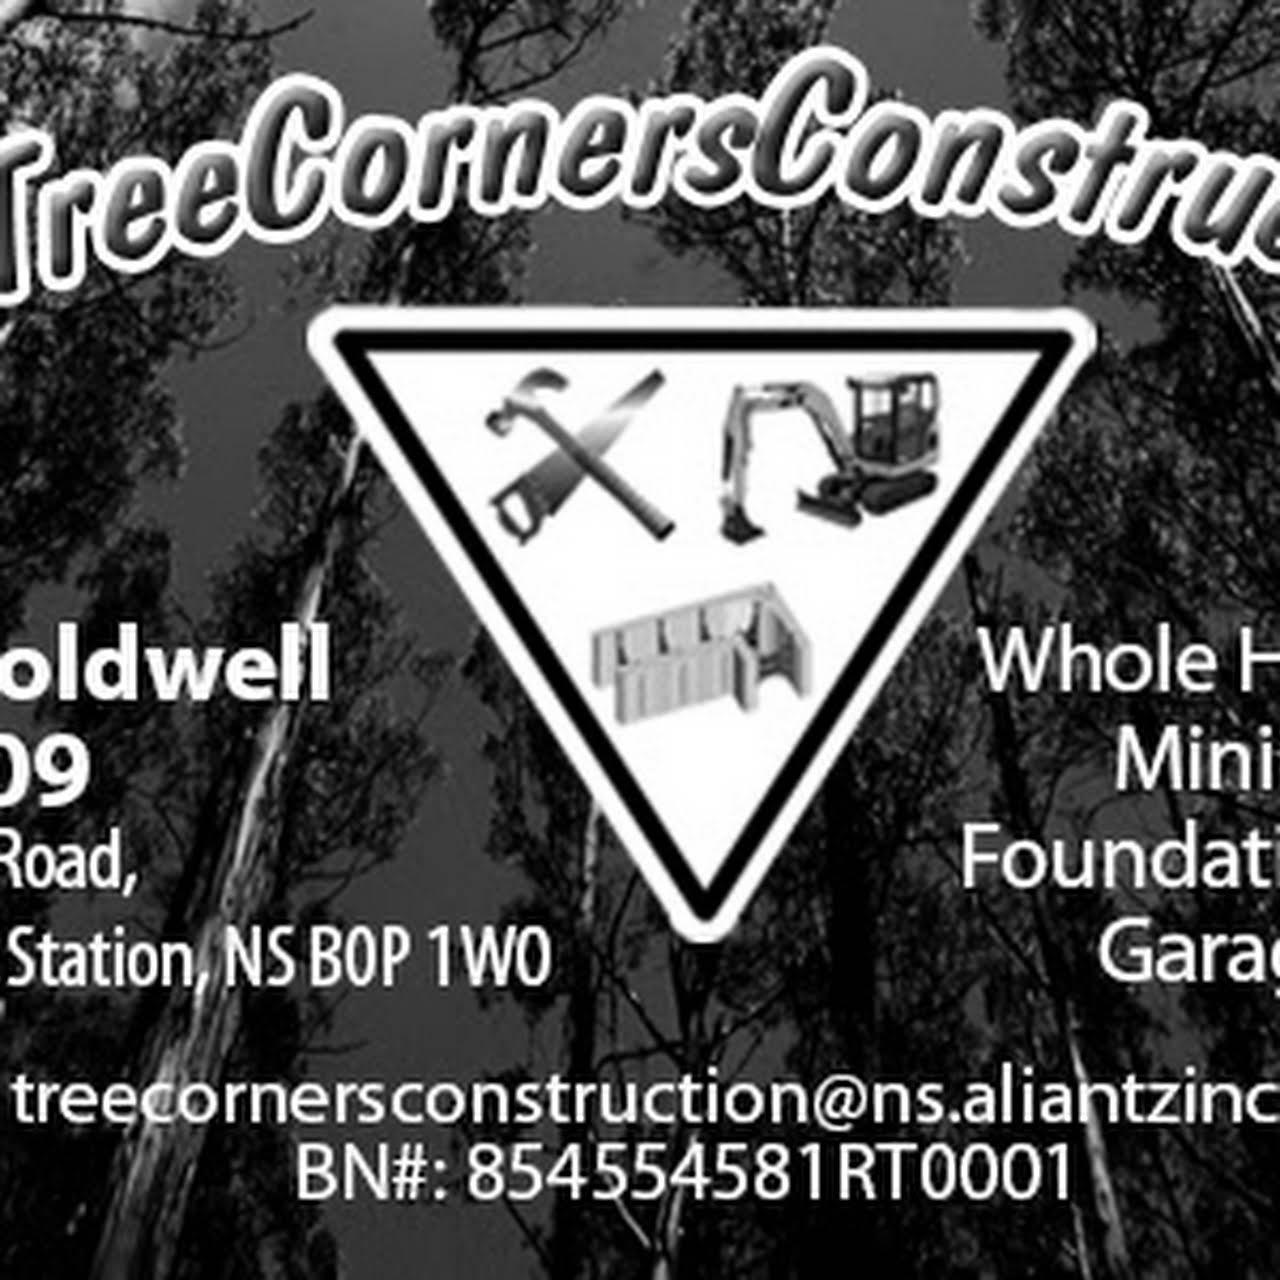 Tree Corners Construction Home Builder In Wilmot